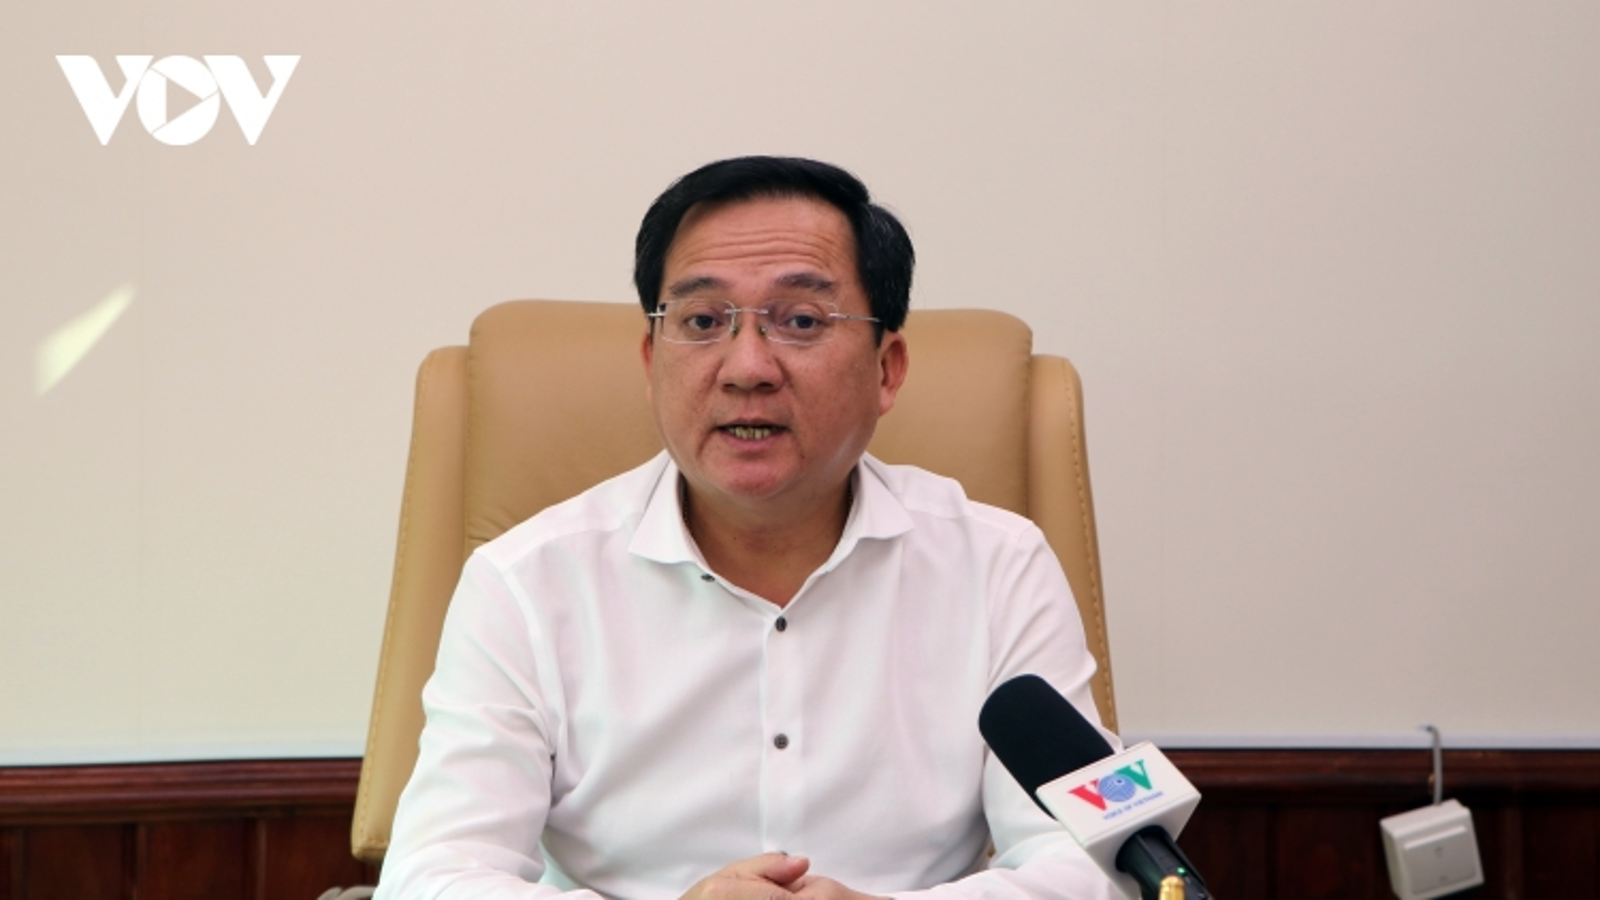 Campuchia đấu giá đồng USD để bình ổn tỷ giá ngoại tệ, tránh rủi ro lạm phát